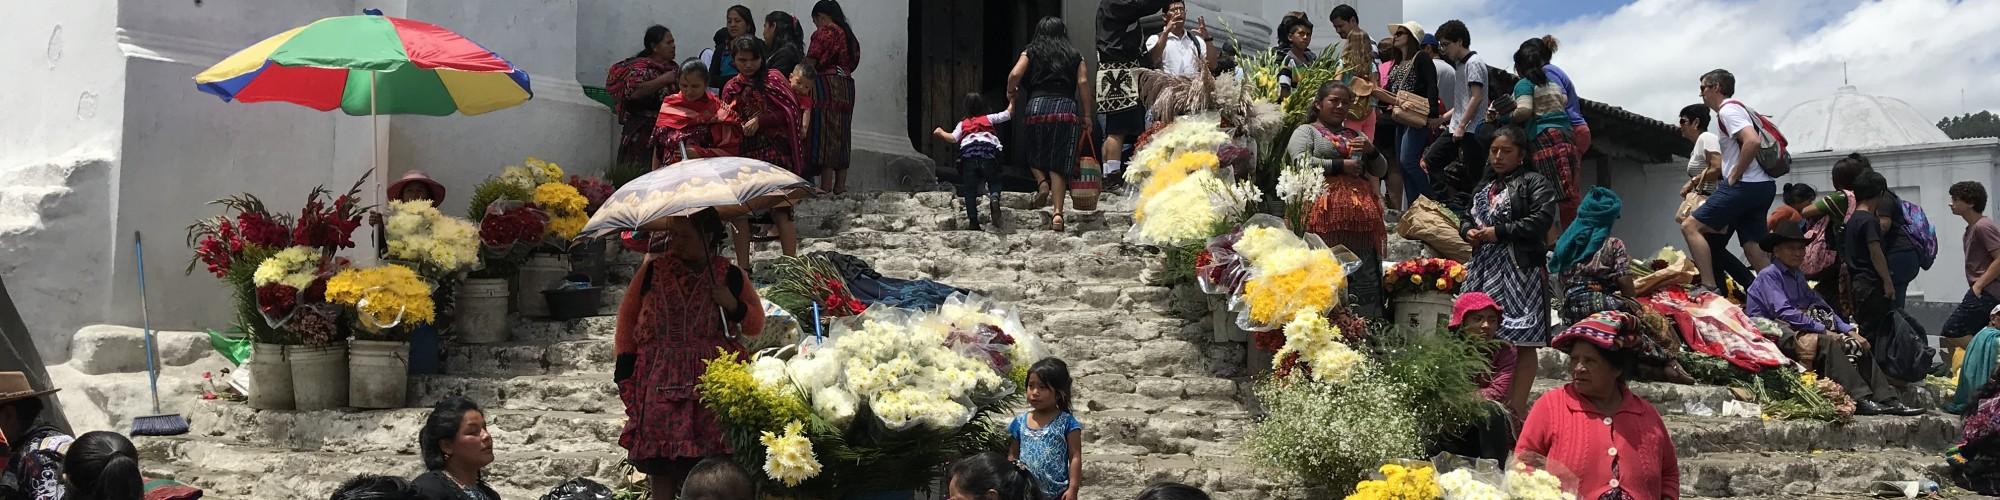 Chich market, Guatemala